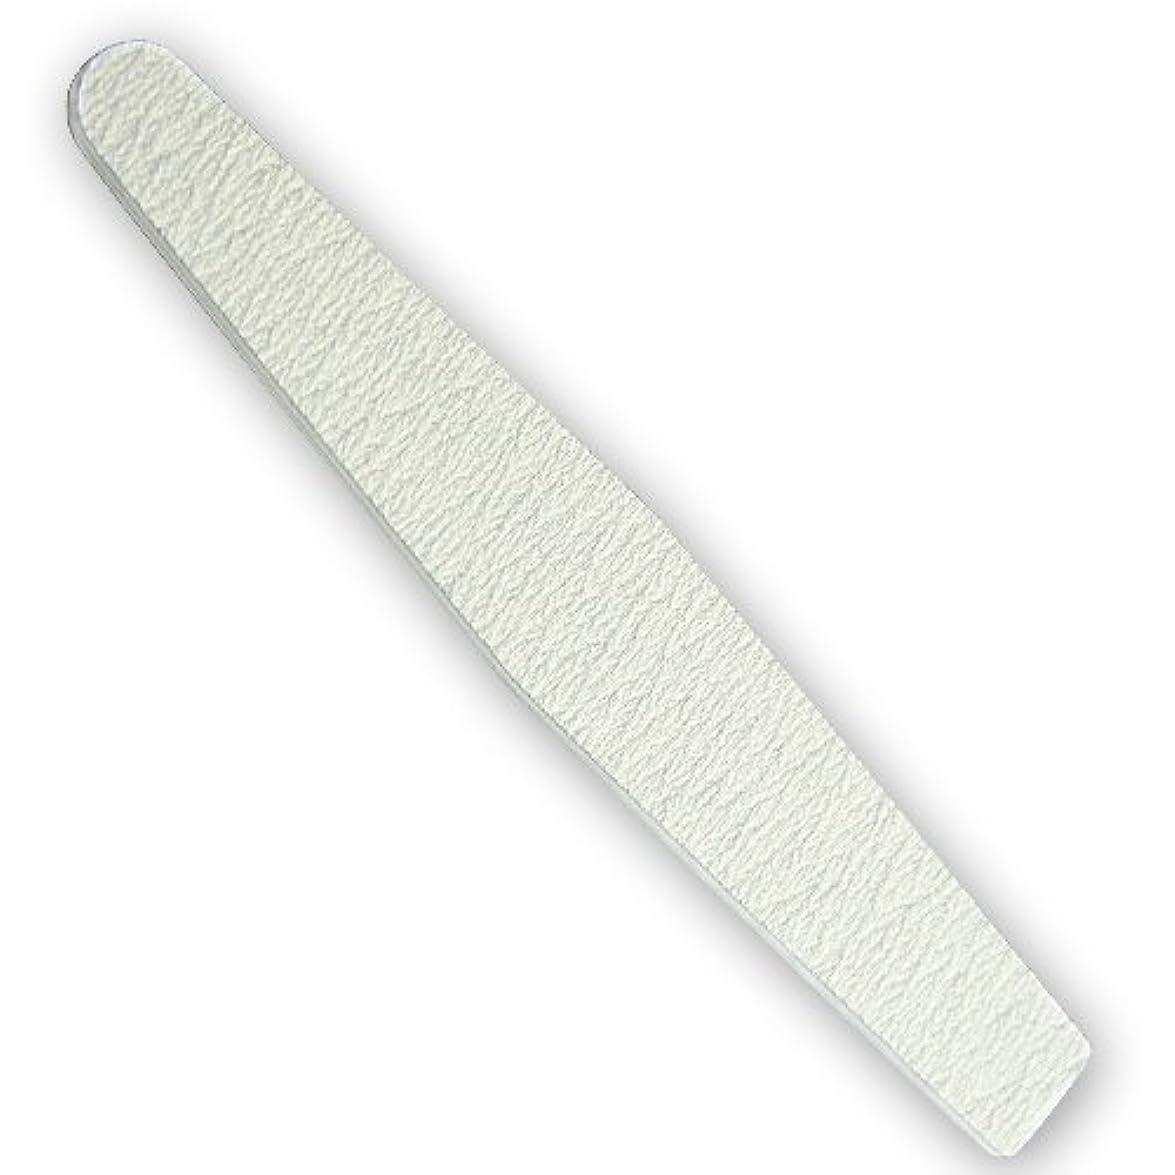 是正浜辺安心させるジェルネイル用ファイル100/180(爪やすり)シンプルで使いやすい